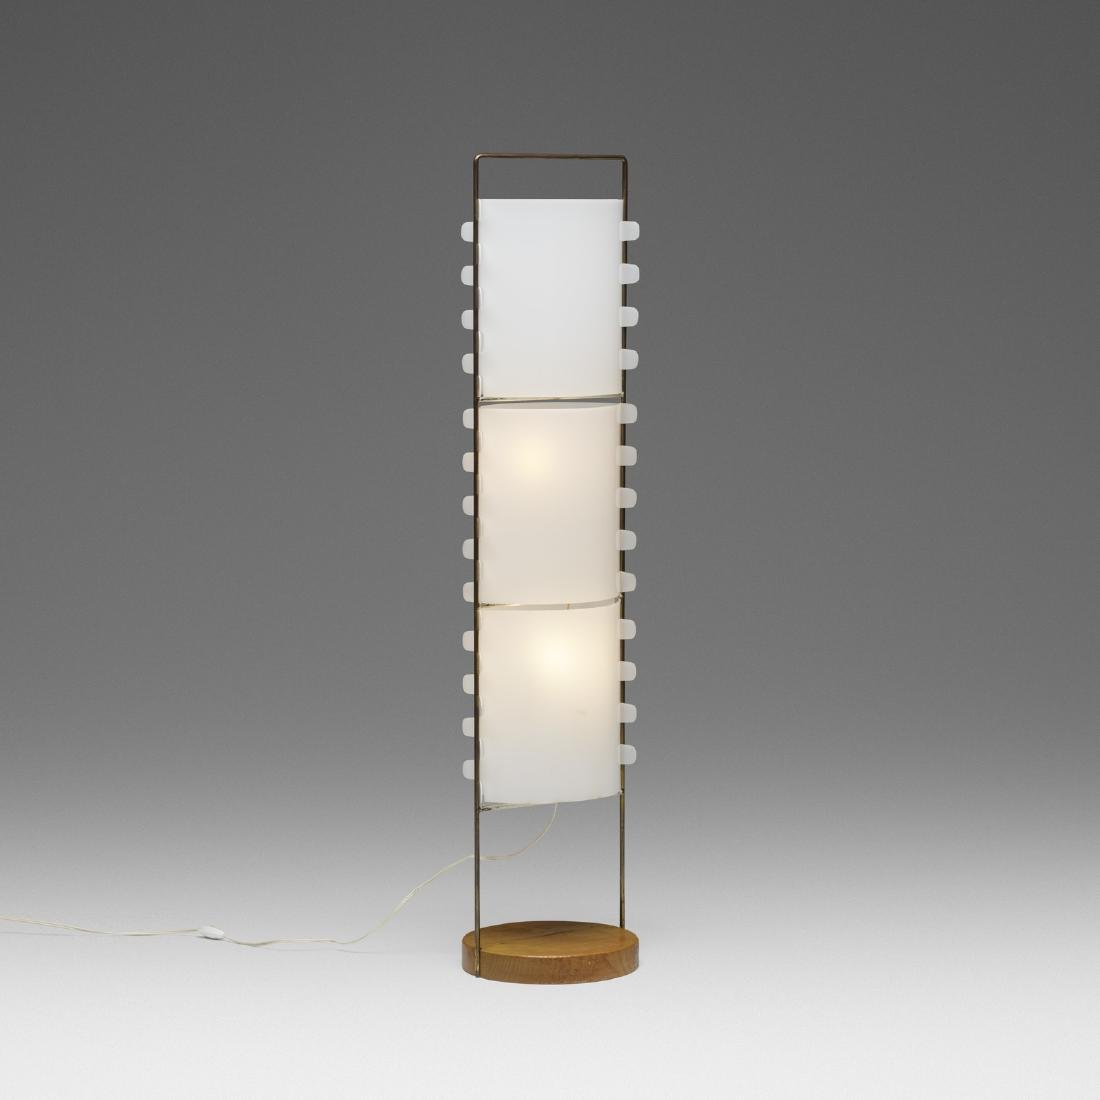 Joseph-Andre Motte, floor lamp